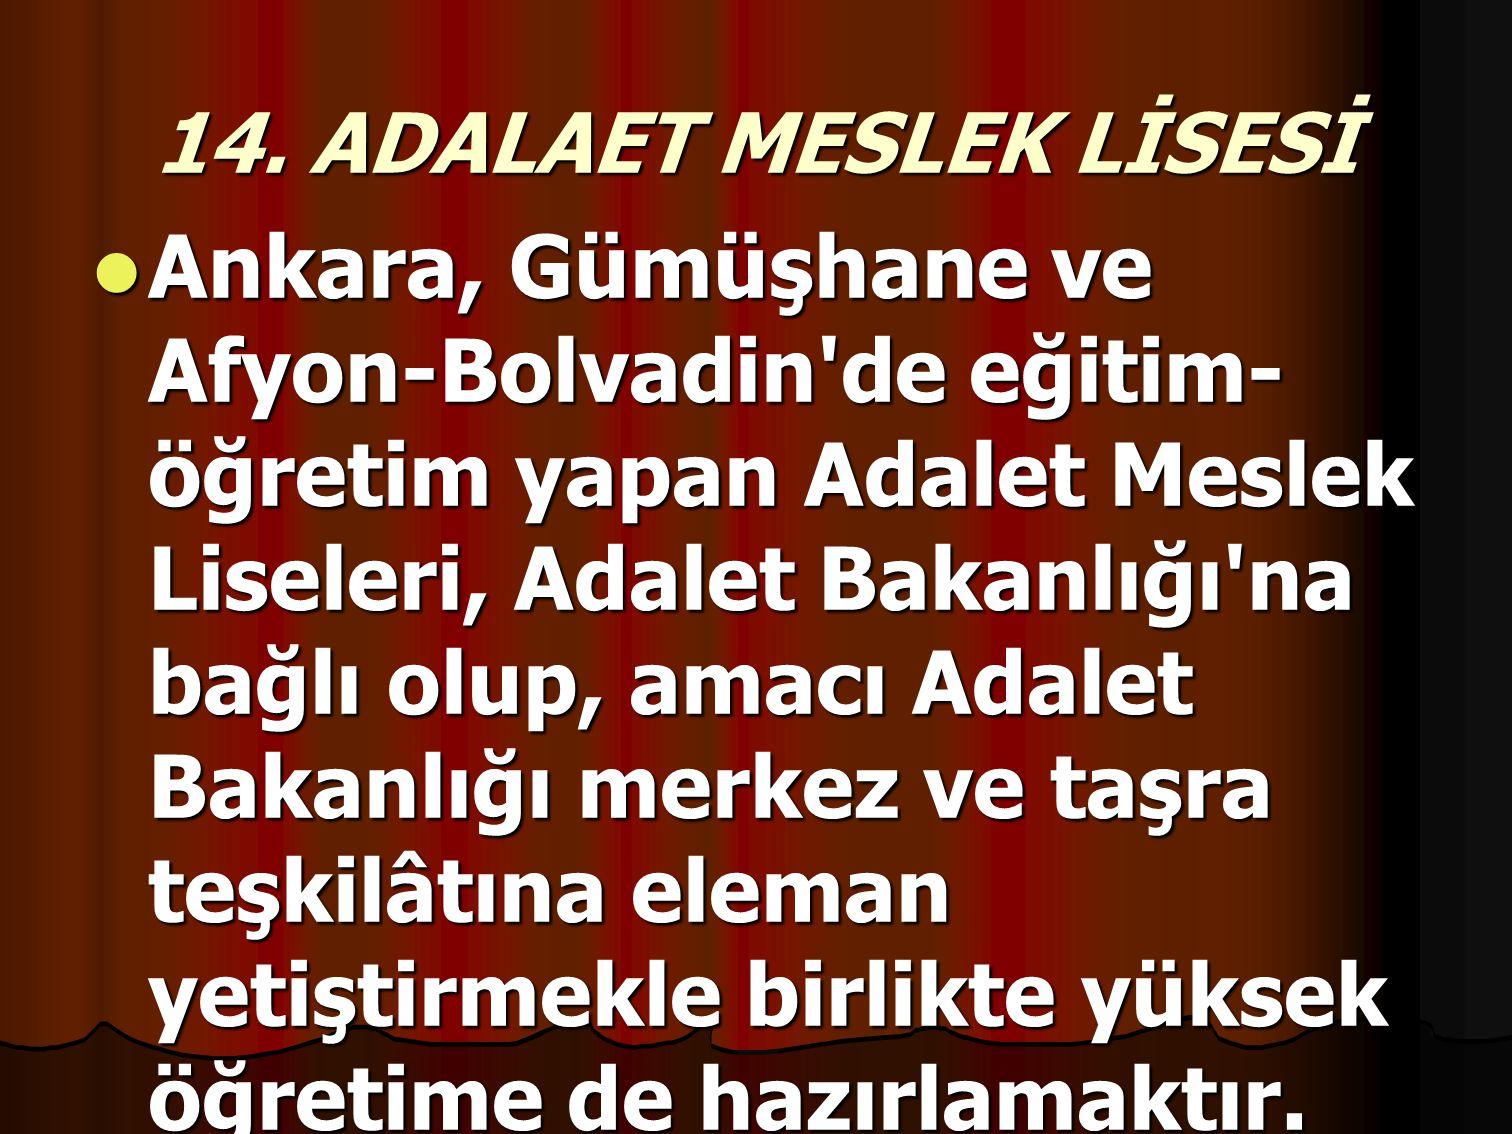 14. ADALAET MESLEK LİSESİ Ankara, Gümüşhane ve Afyon-Bolvadin'de eğitim- öğretim yapan Adalet Meslek Liseleri, Adalet Bakanlığı'na bağlı olup, amacı A